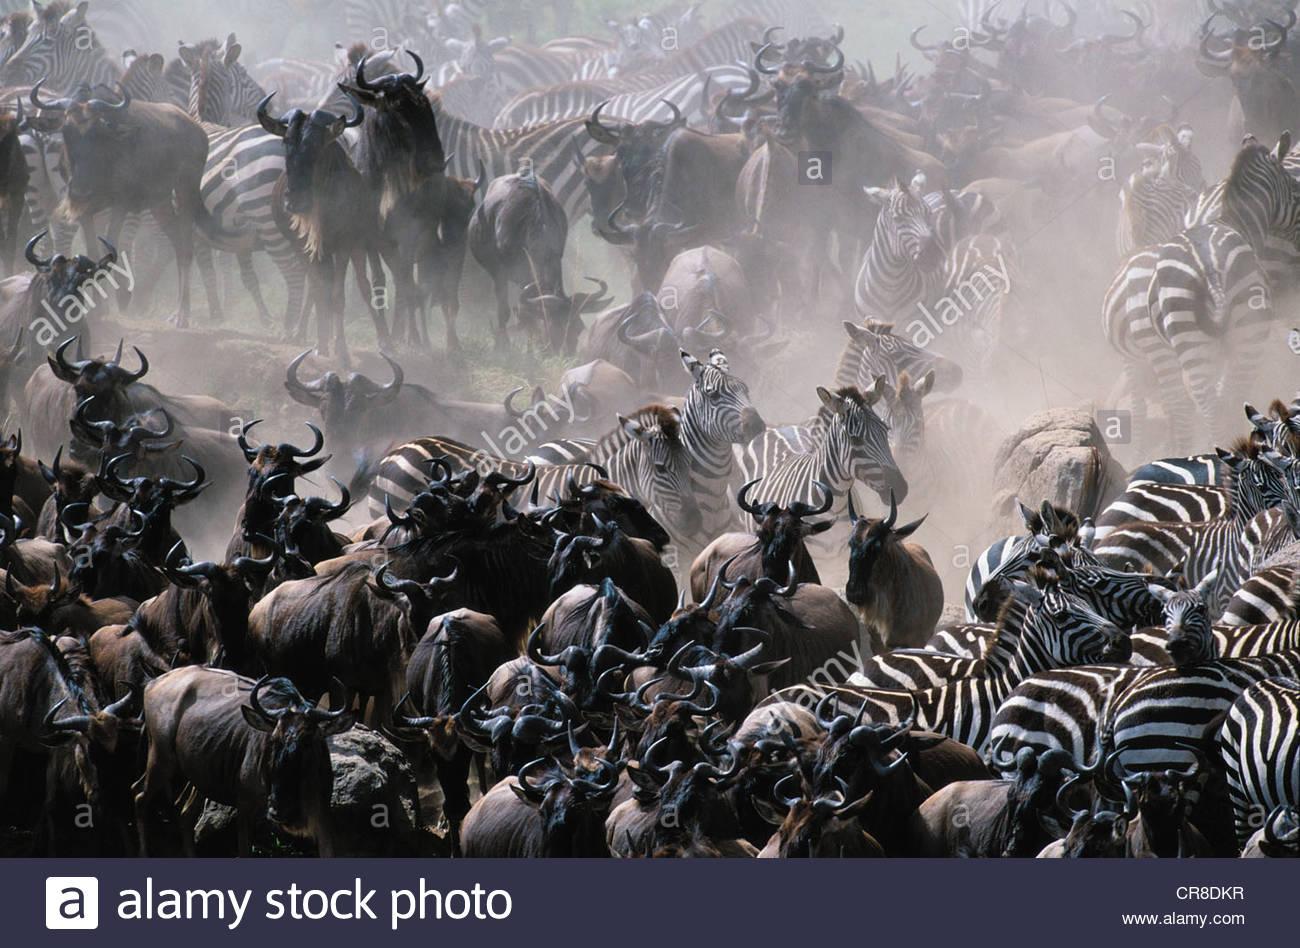 Llanuras Zebra y ñus comunes los rebaños, Reserva Nacional de Masai Mara, Kenya Imagen De Stock